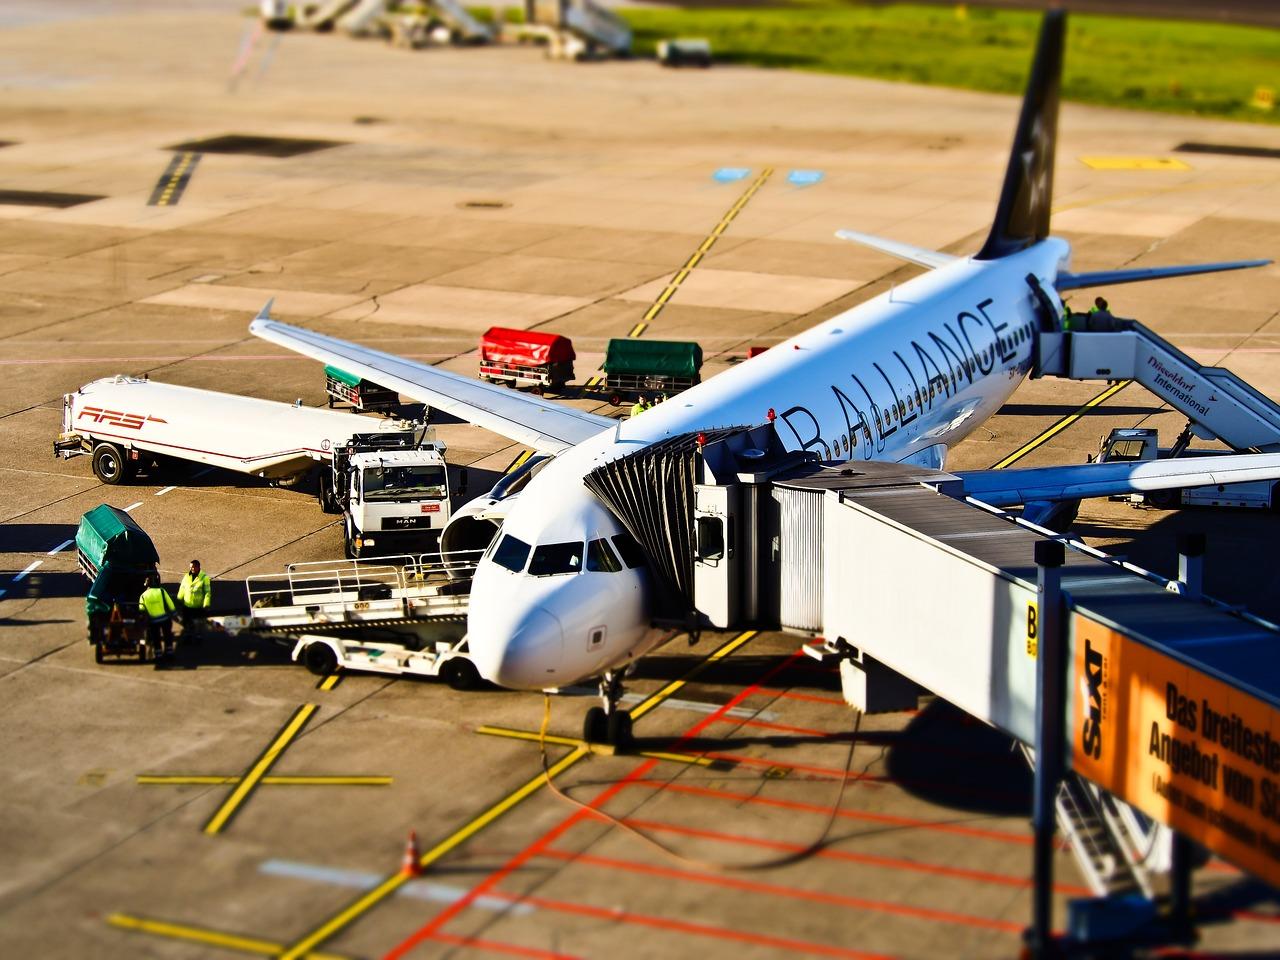 Ще 4 авіаційних хаби планують створити в Україні